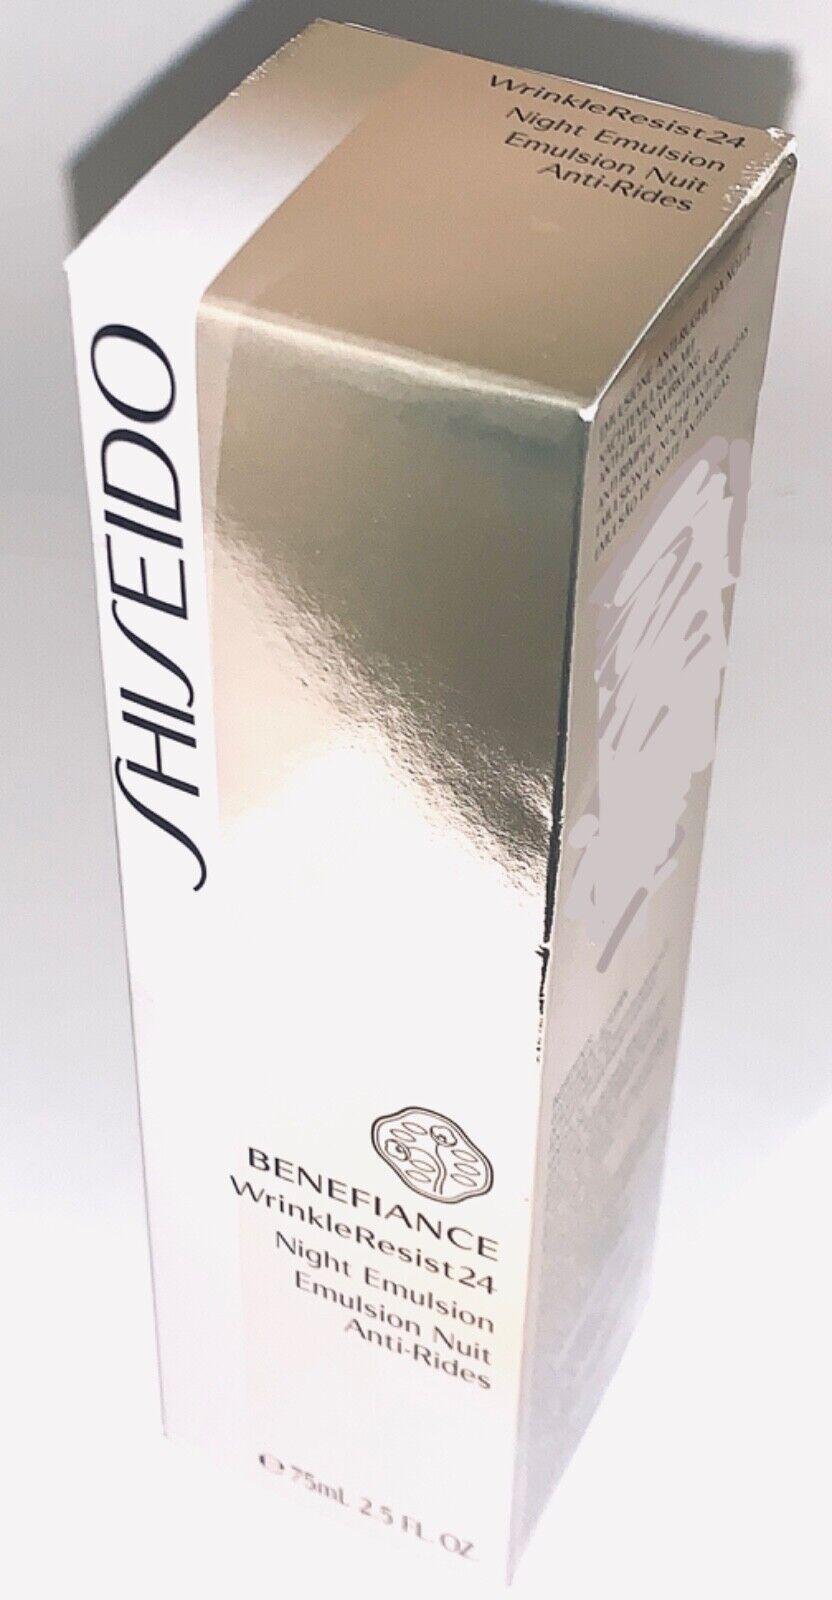 Shiseido Benefiance WrinkleResist24 Night Emulsion 2.5oz•A